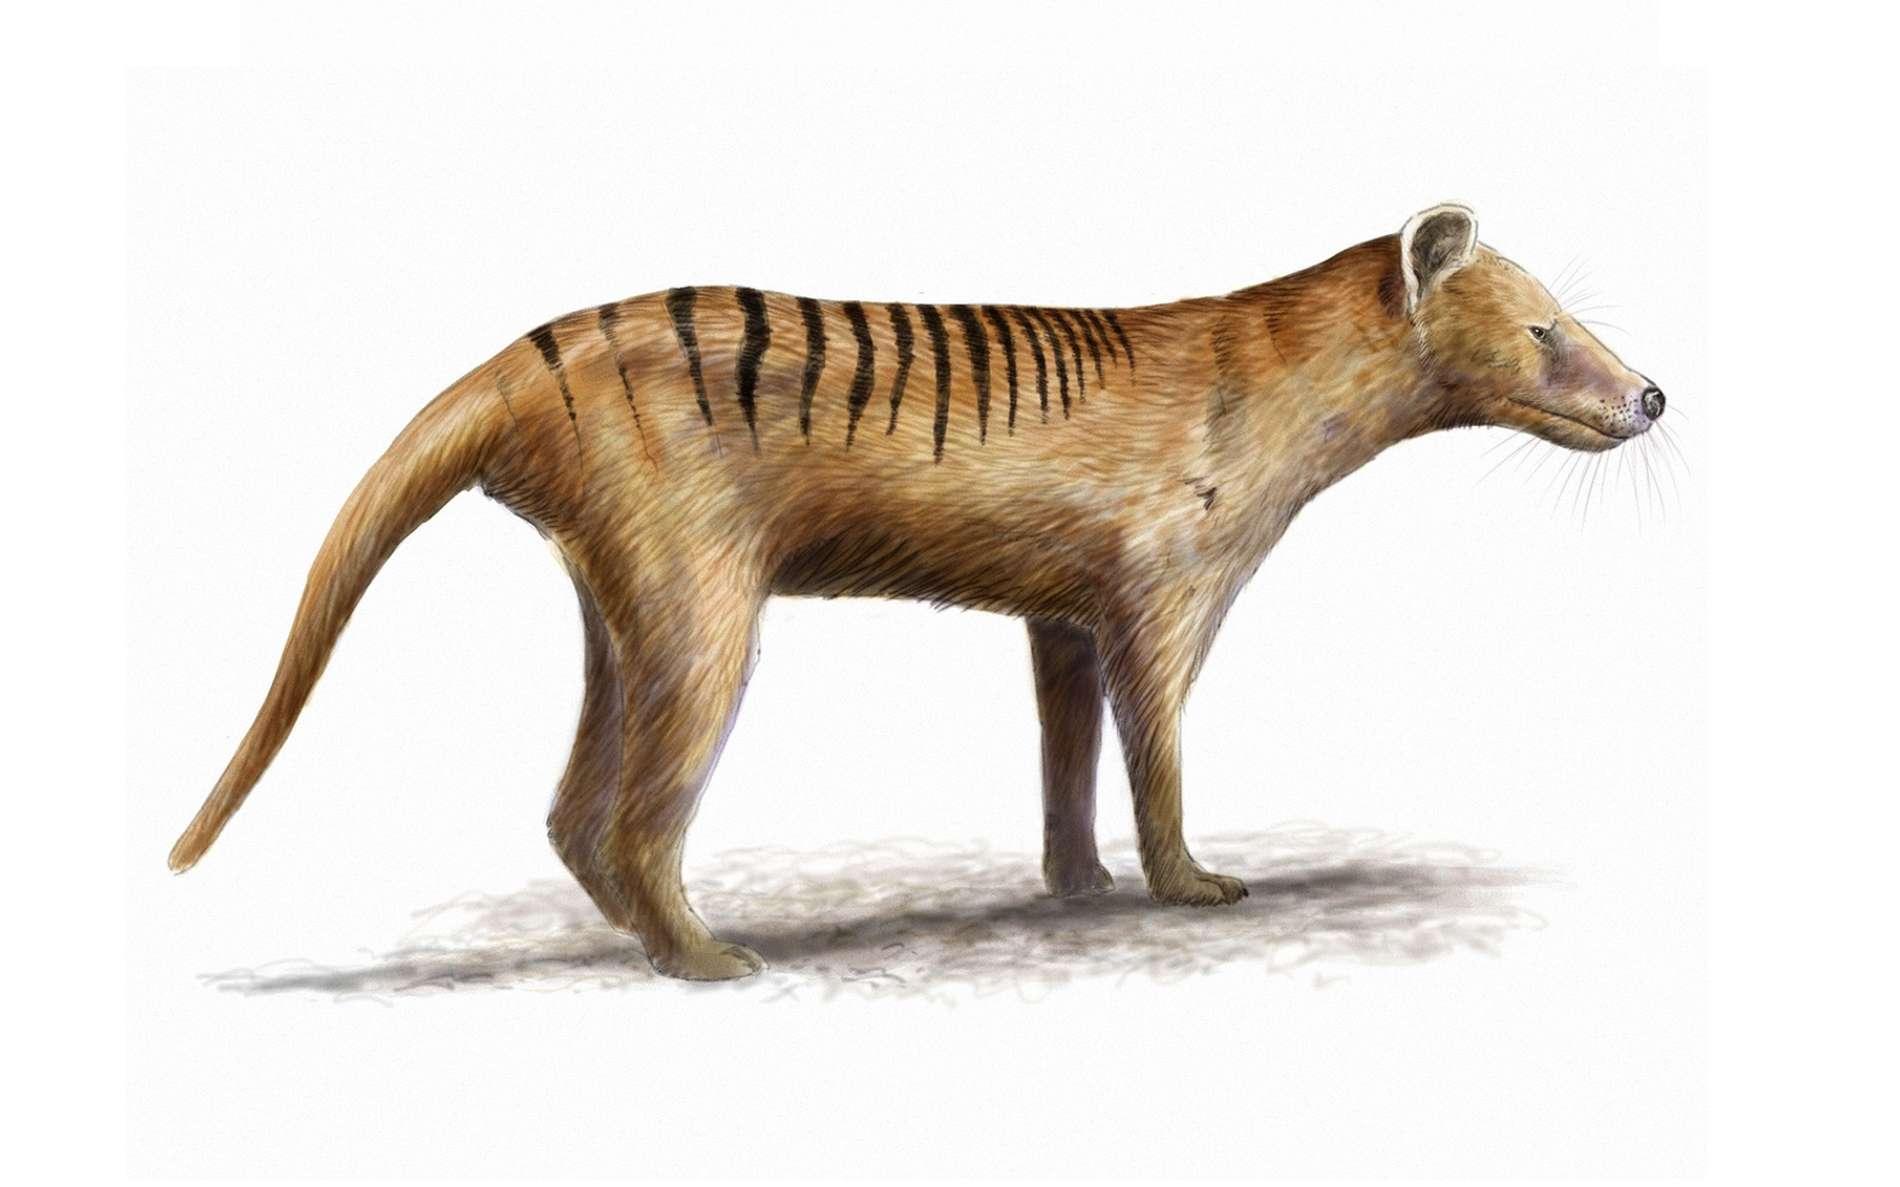 Une reconstitution du thylacine, une espèce considérée comme disparue. © nicolasprimola, fotolia